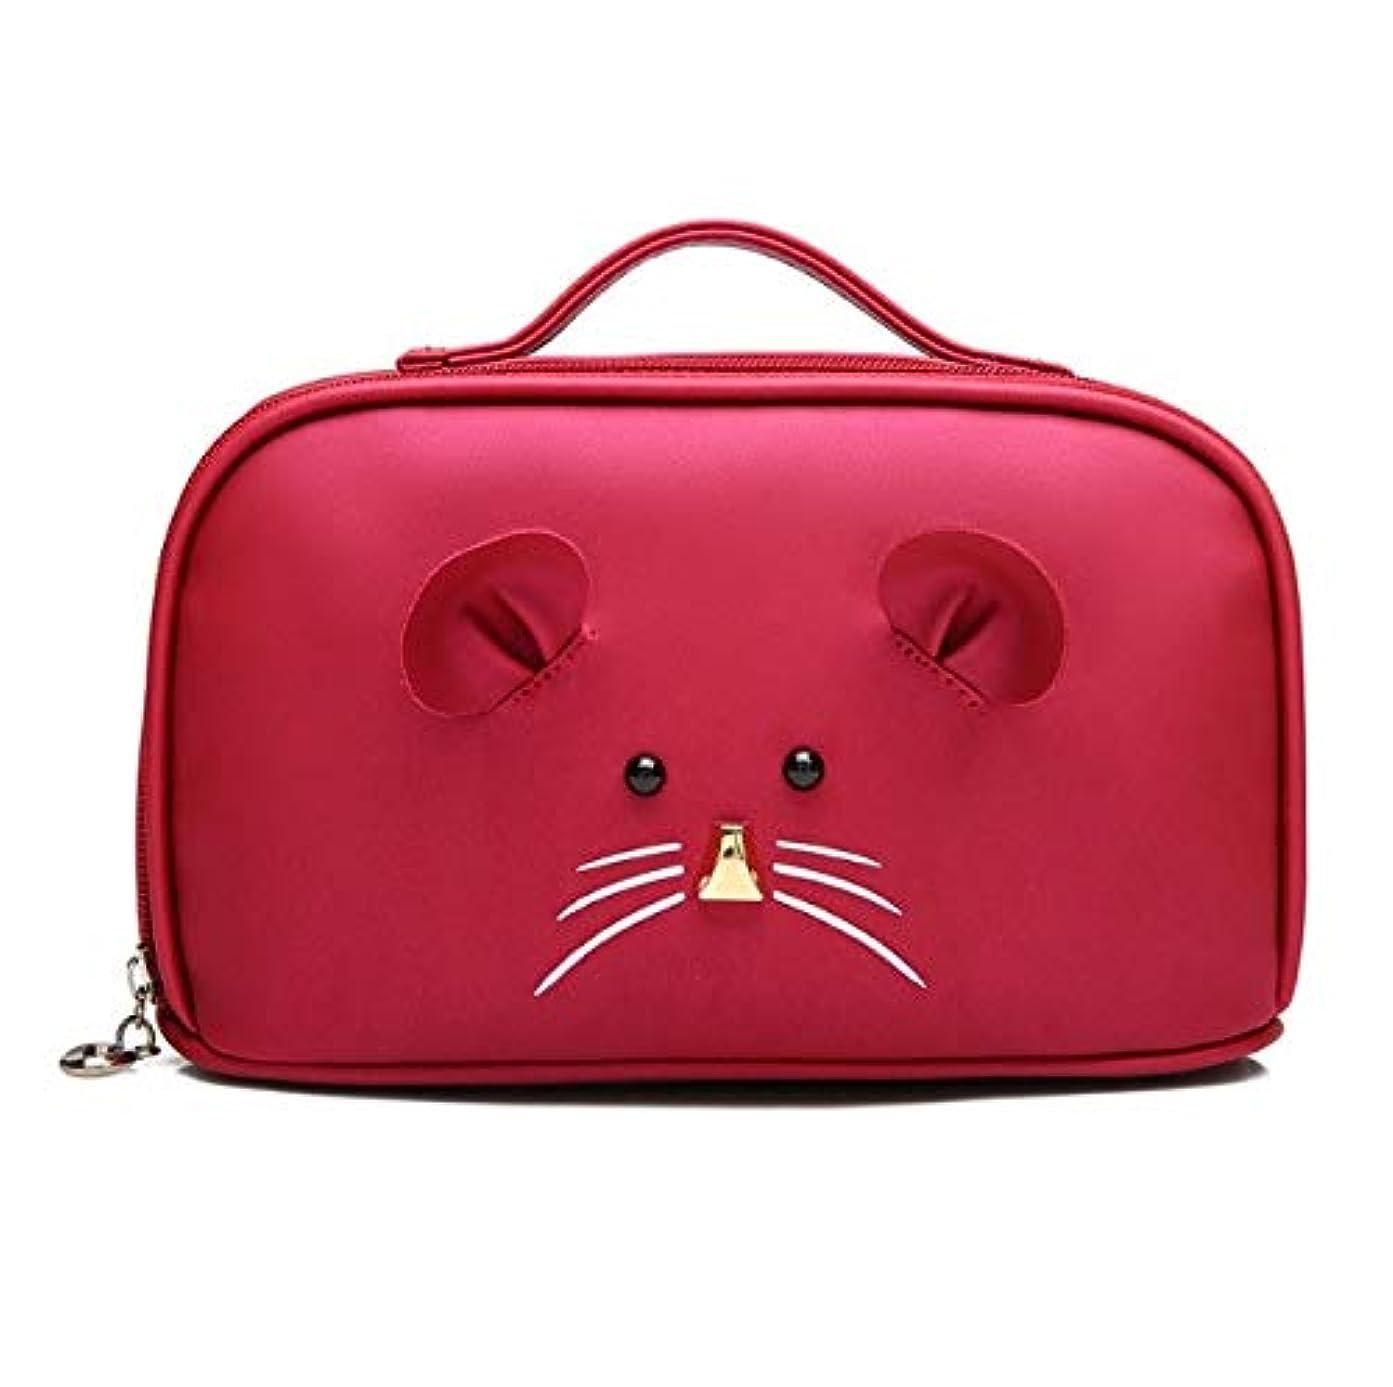 罰モバイル理解化粧箱、大容量漫画マウス化粧品ケース、ポータブル旅行化粧品ケース、美容ネイルジュエリー収納ボックス (Color : Red)